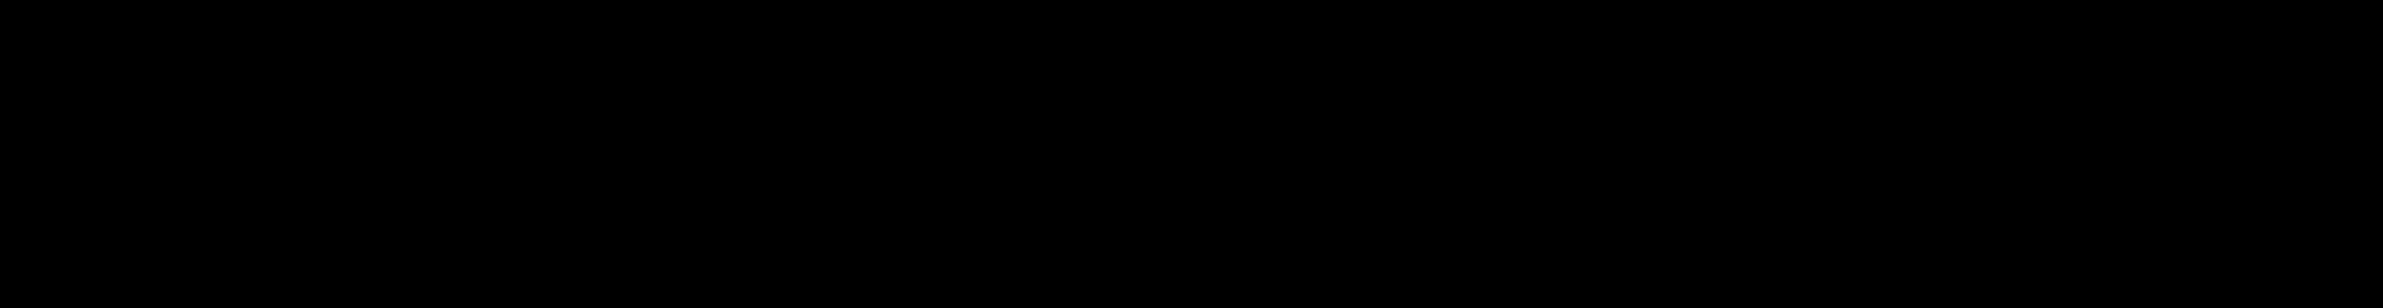 SweetHive logo